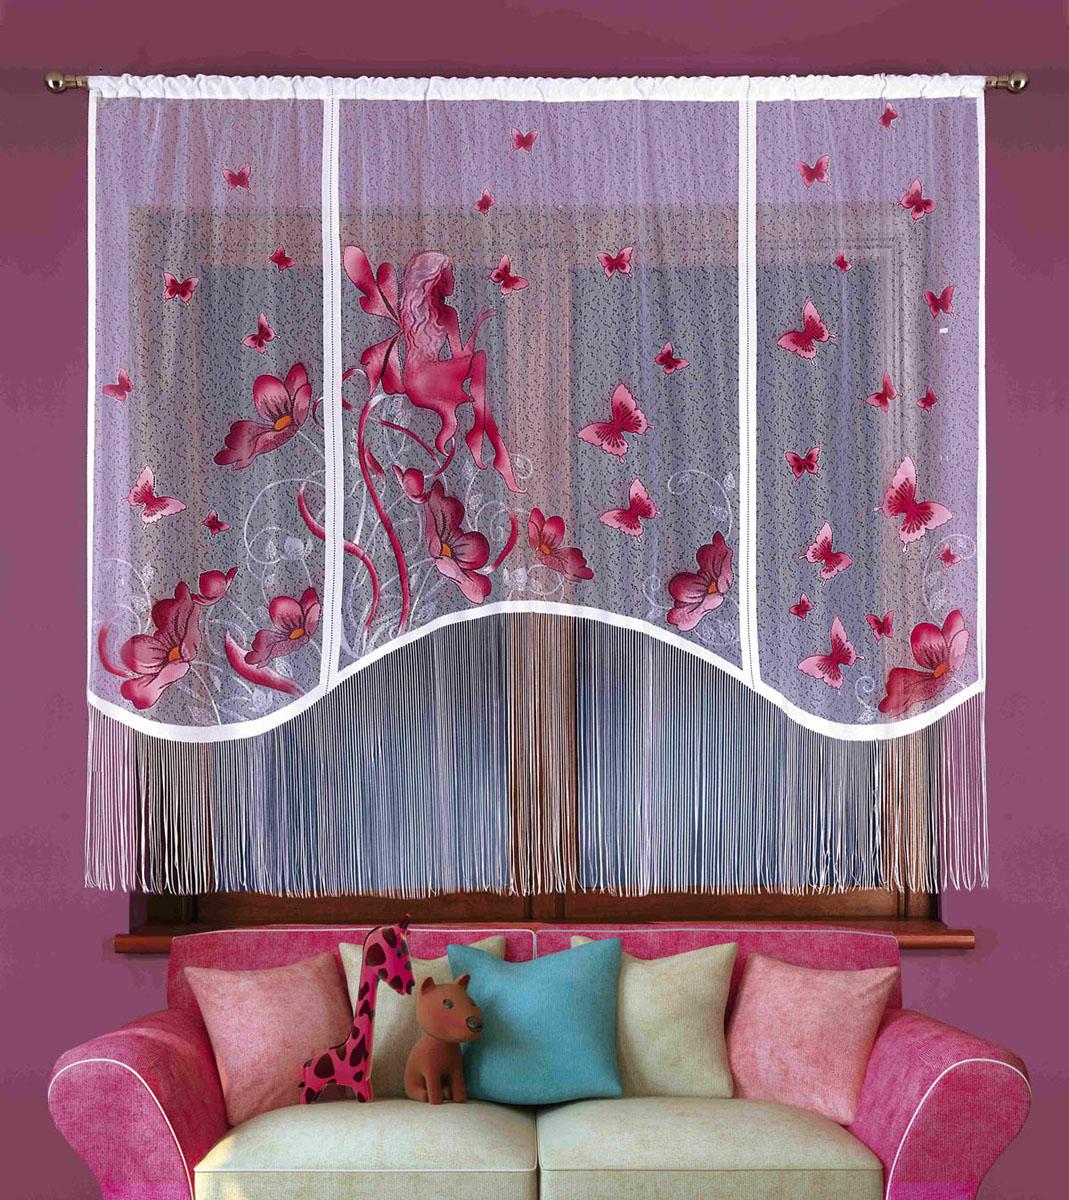 Гардина Elfik, на кулиске, цвет: белый, высота 180 см724918Воздушная гардина Elfik, изготовленная из полиэстера белого цвета, станет великолепным украшением любого окна. Нижняя часть гардины декорирована бахромой. Тонкое плетение и рисунок в виде бордовых бабочек привлекут к себе внимание и органично впишутся в интерьер. Верхняя часть гардины оснащена кулиской для крепления на круглый карниз.